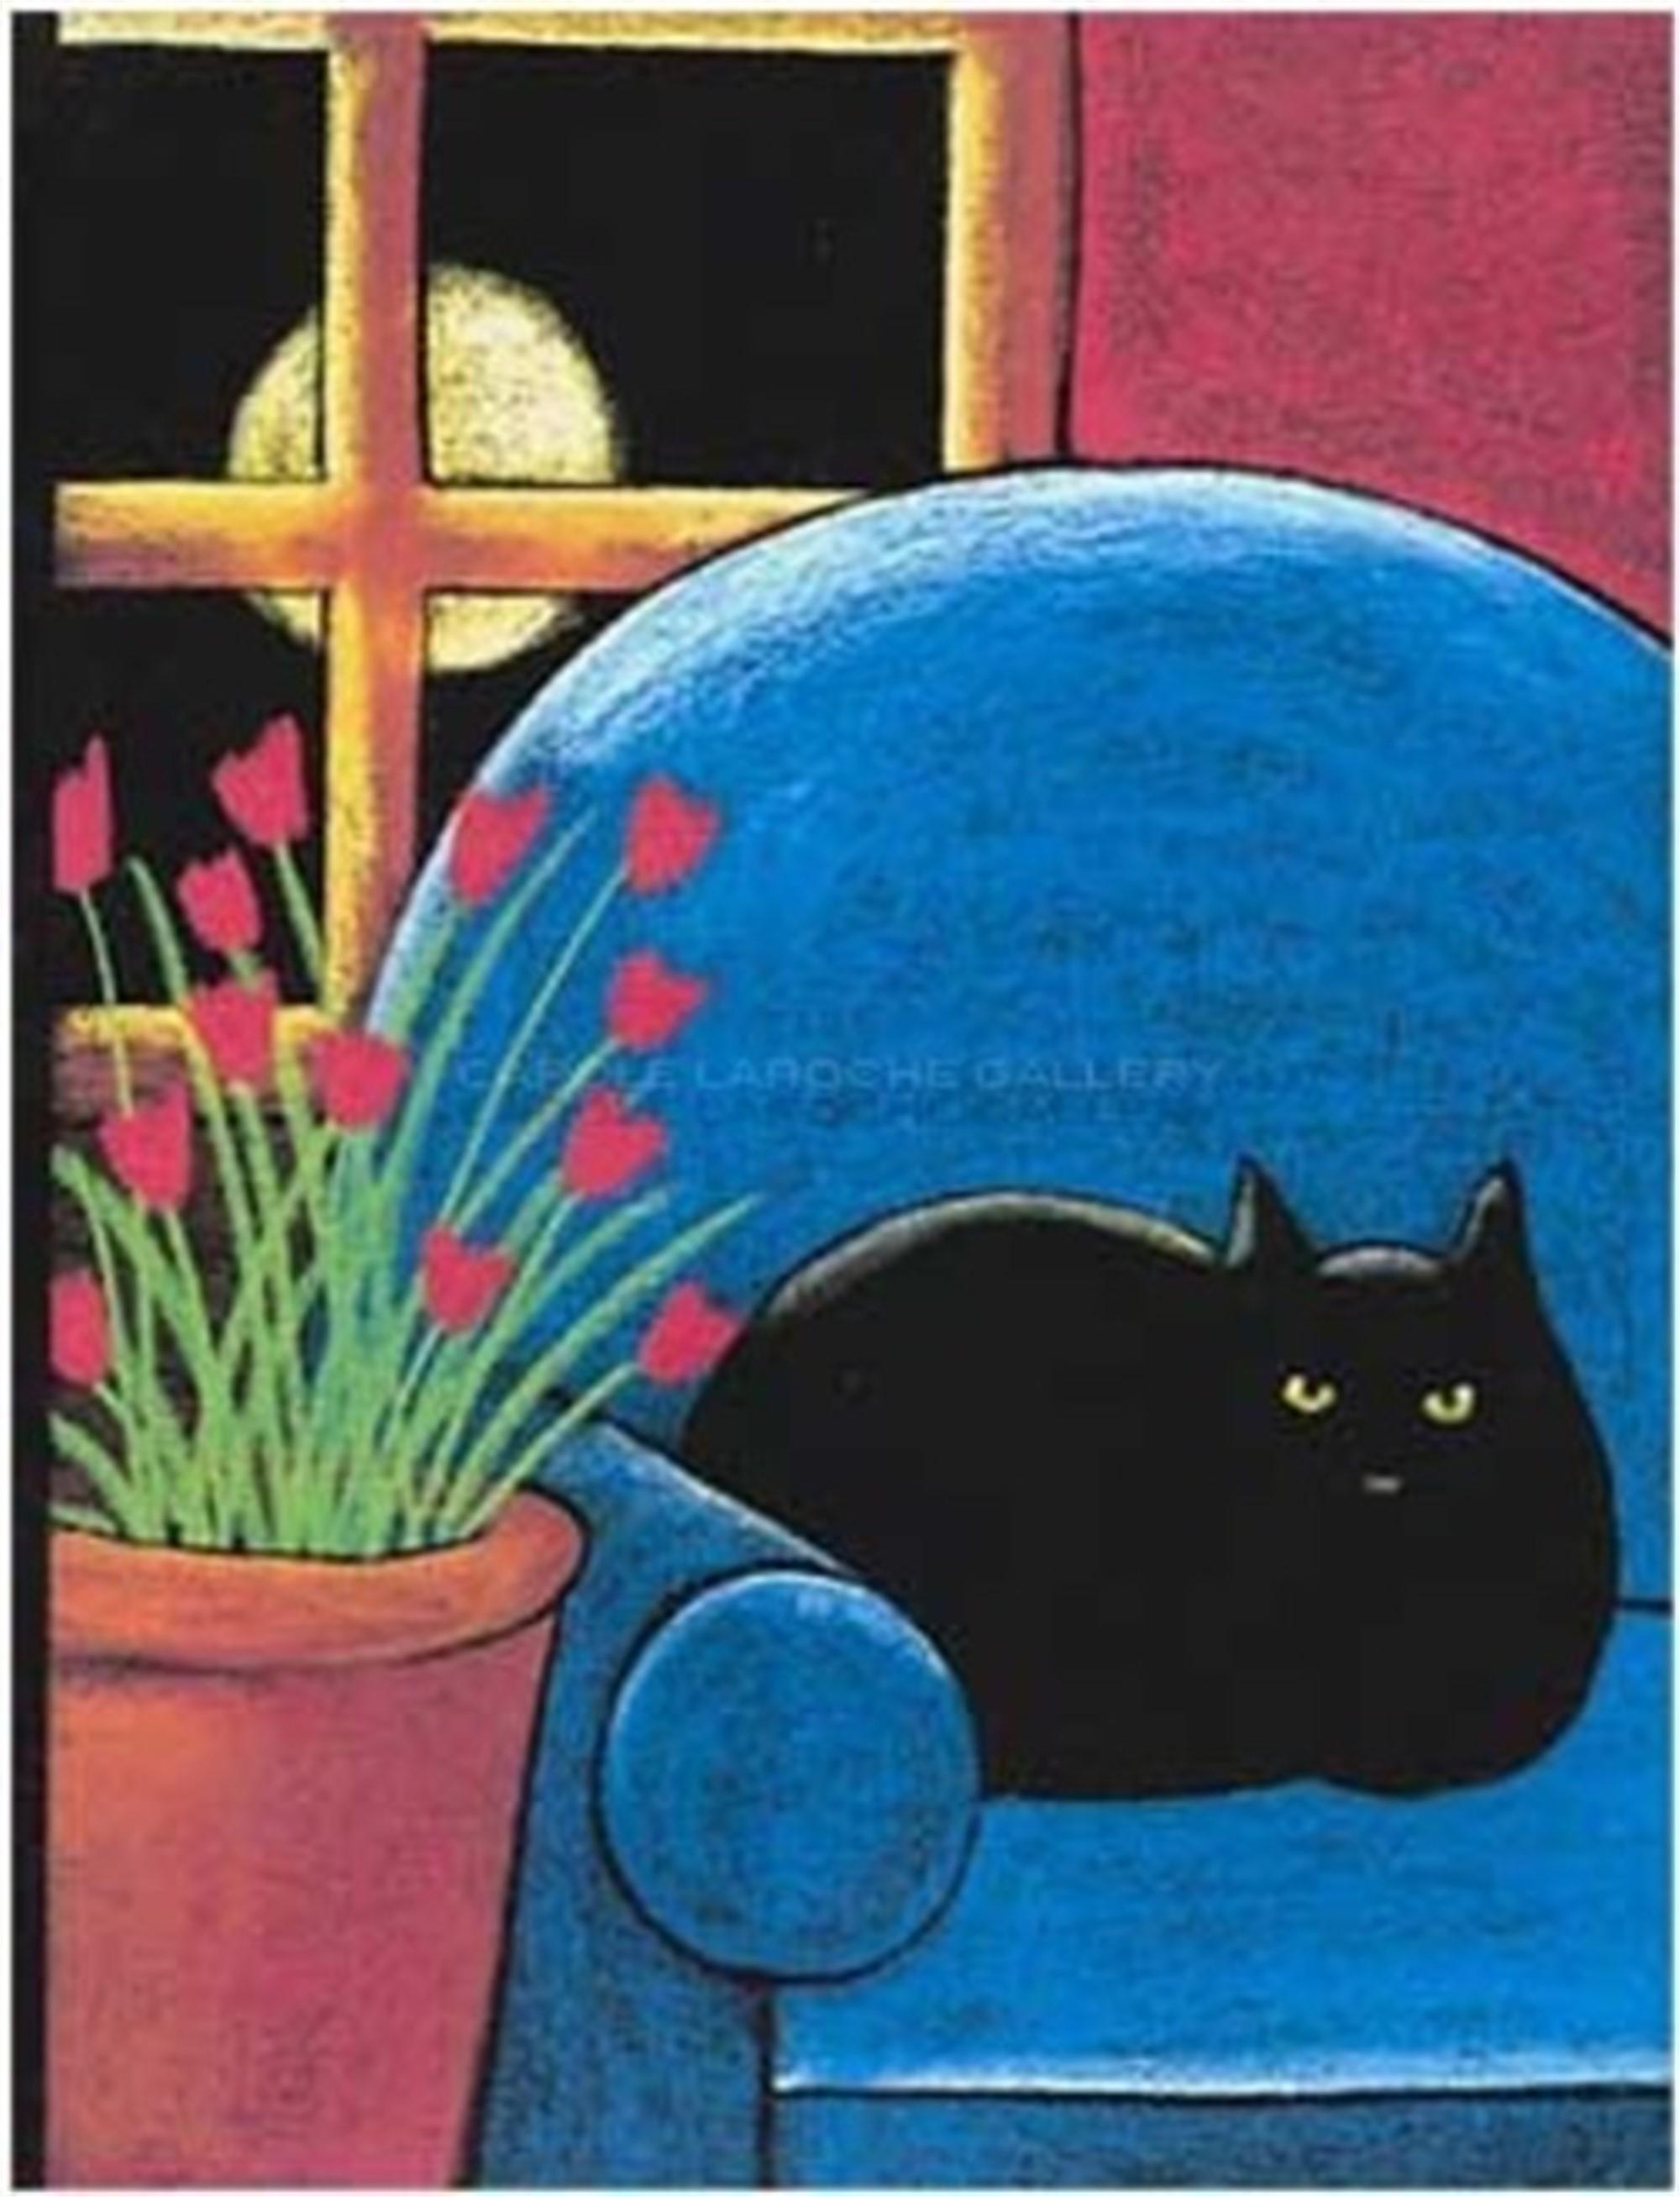 Black Cat in Blue Chair by Carole LaRoche